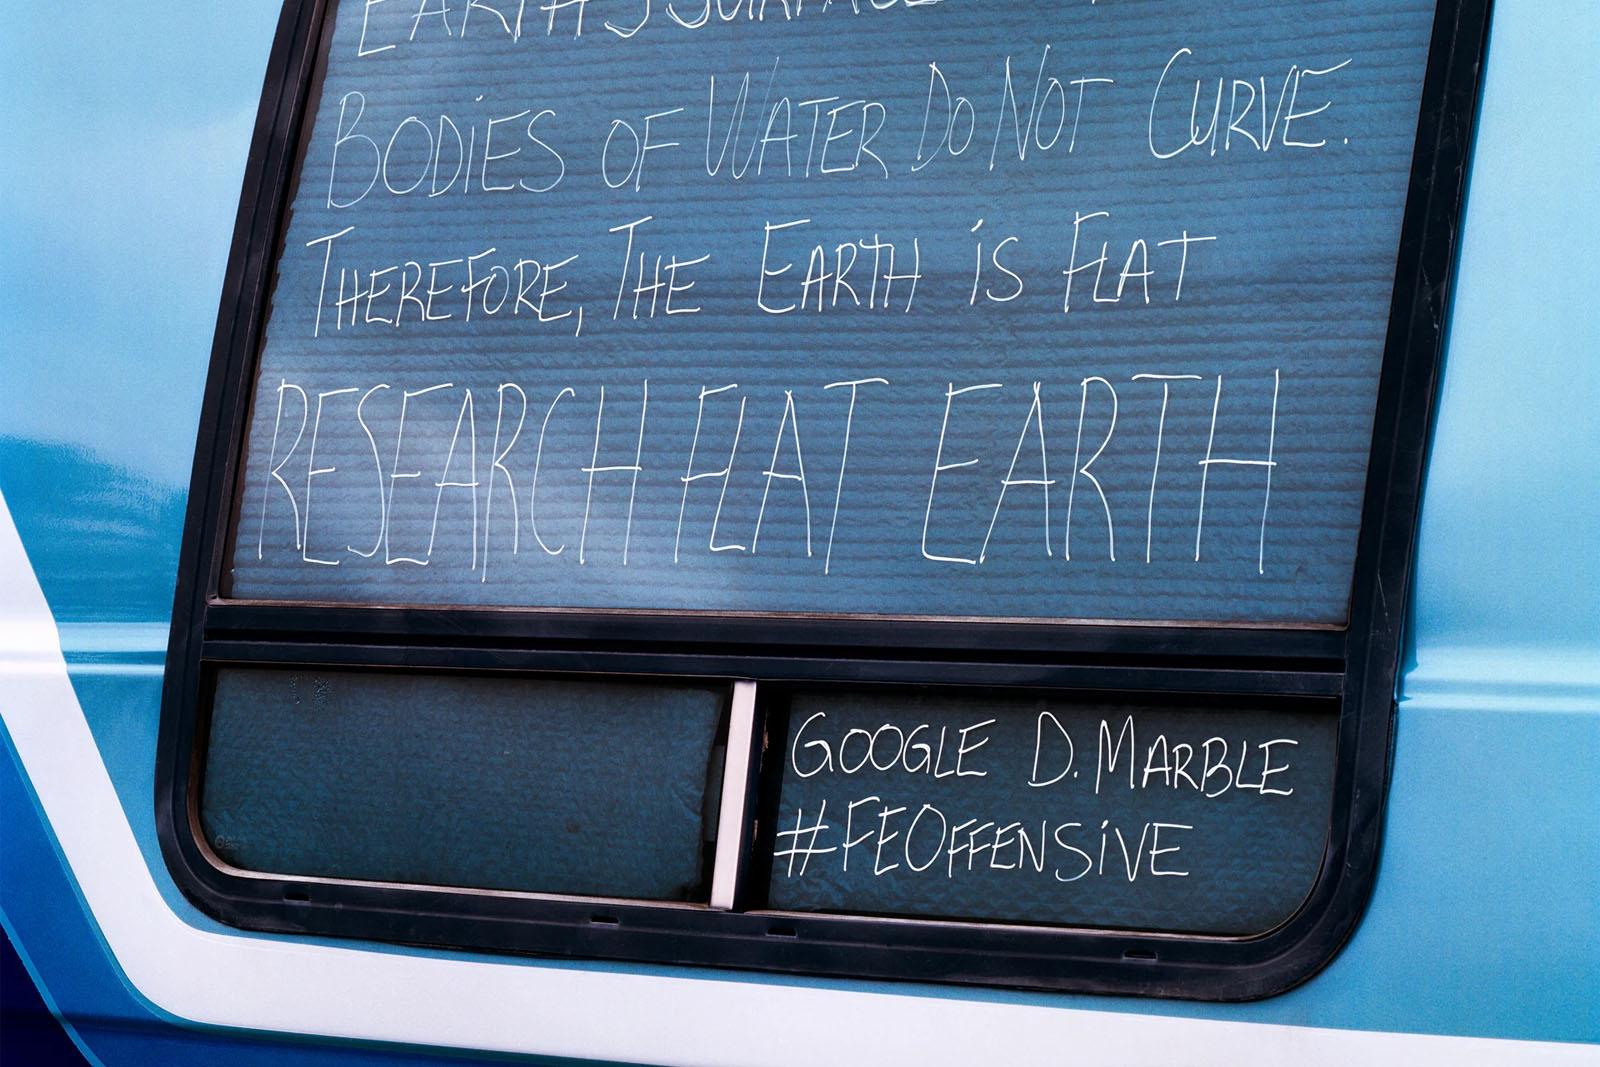 Earth Not a Globe